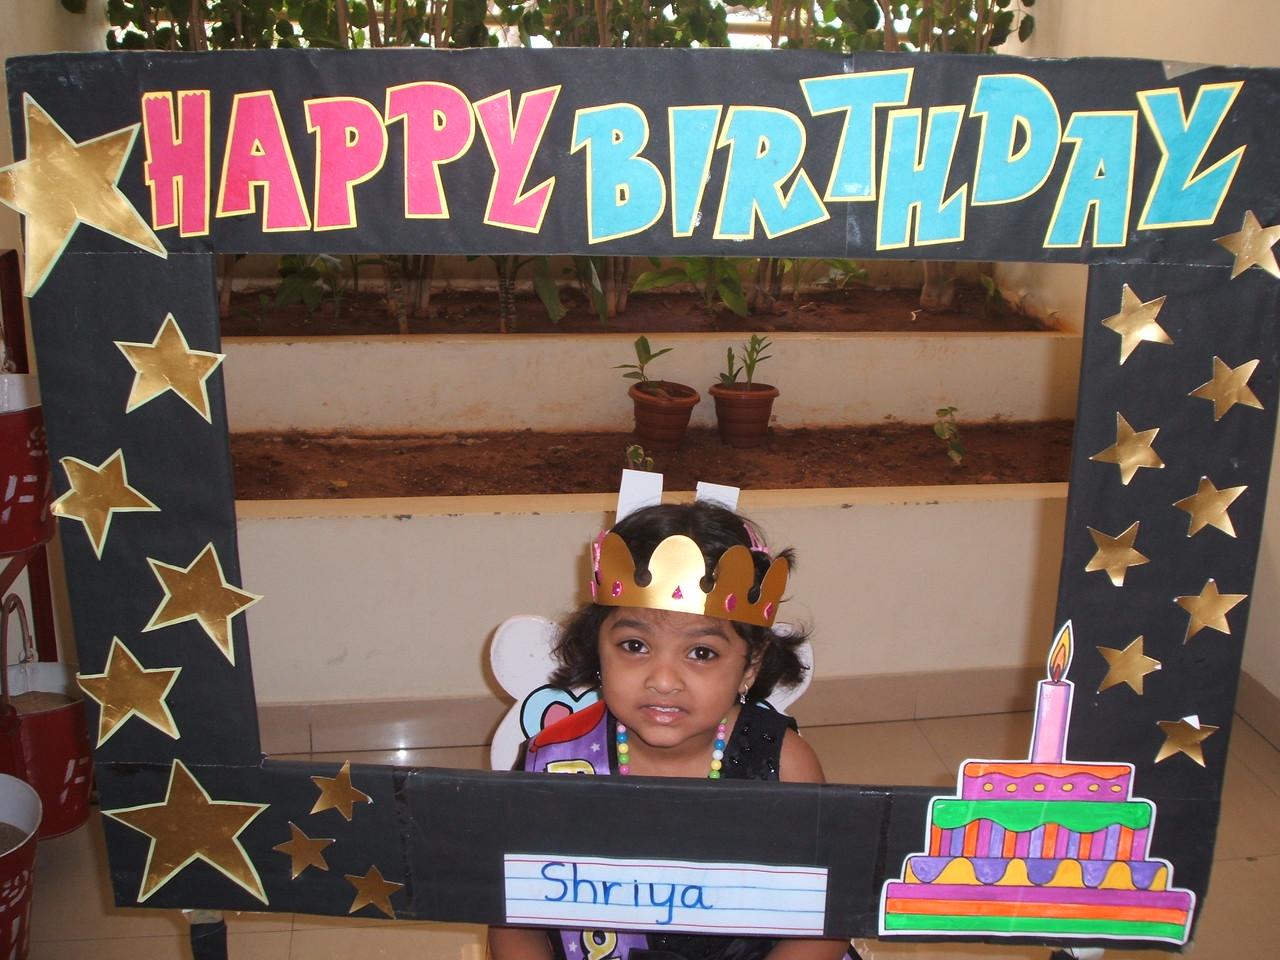 HAPPY BIRTHDAY-SHRIYA